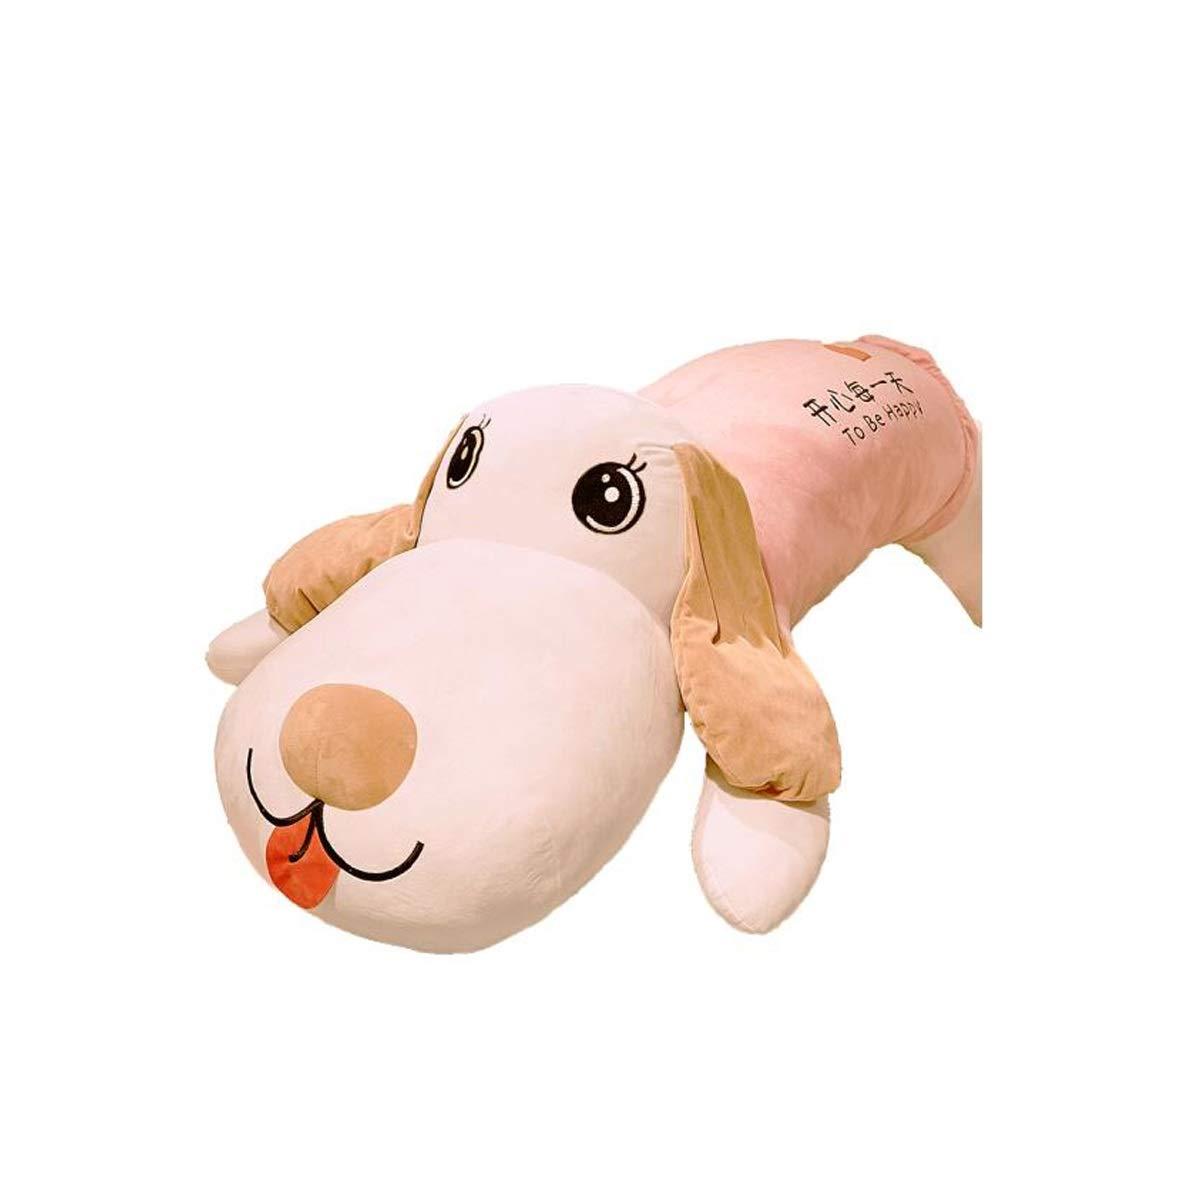 1.8 mぬいぐるみ犬枕ロングストリップ犬人形ロングストリップ人形人形抱擁クマかわいいハスキー女の子ベッド睡眠パンダバレンタインギフト白65 cmを保持 ( Color : ピンク-A , Size : 1.2m )